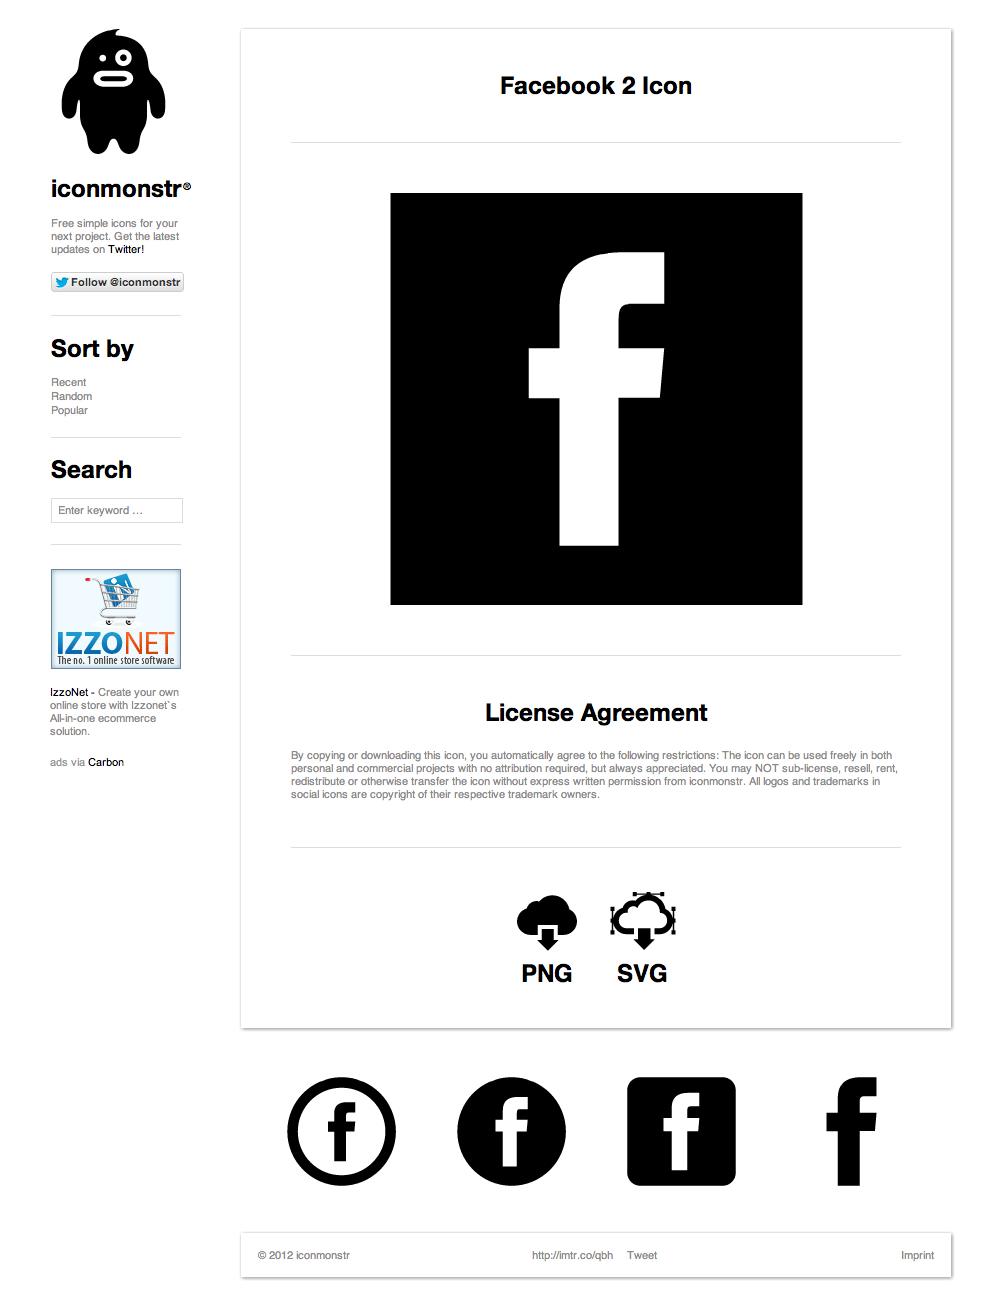 하이퀄리티 심플 아이콘 무료 다운로드 사이트 - 아이콘 몬스터(iconmonstr)